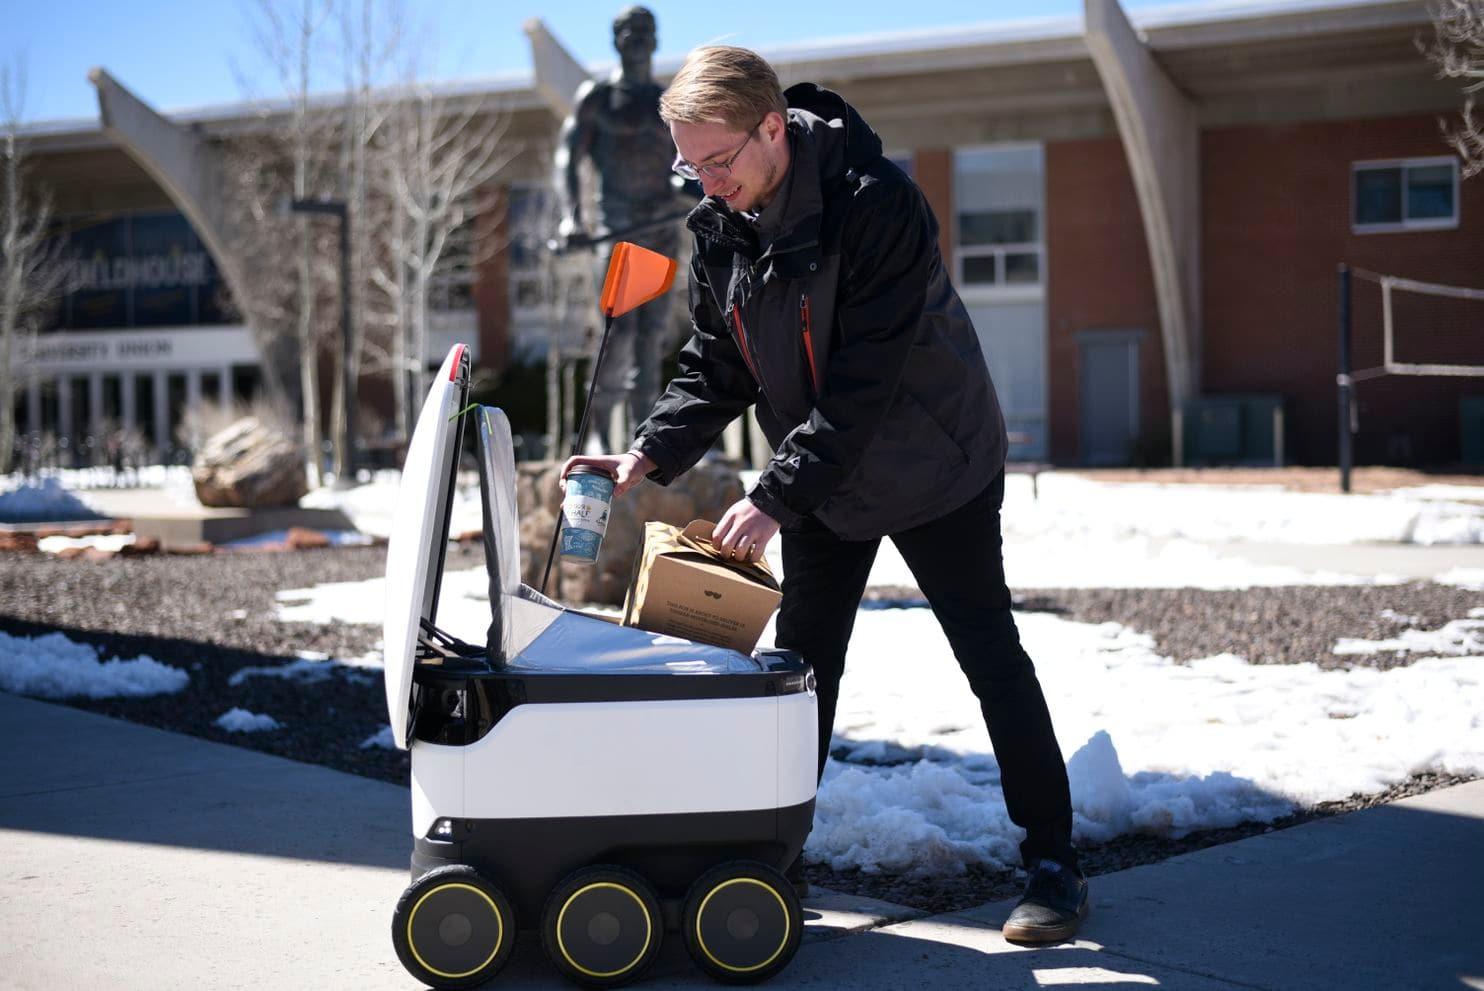 Как робот-доставщик изменил кулинарные привычки американских студентов